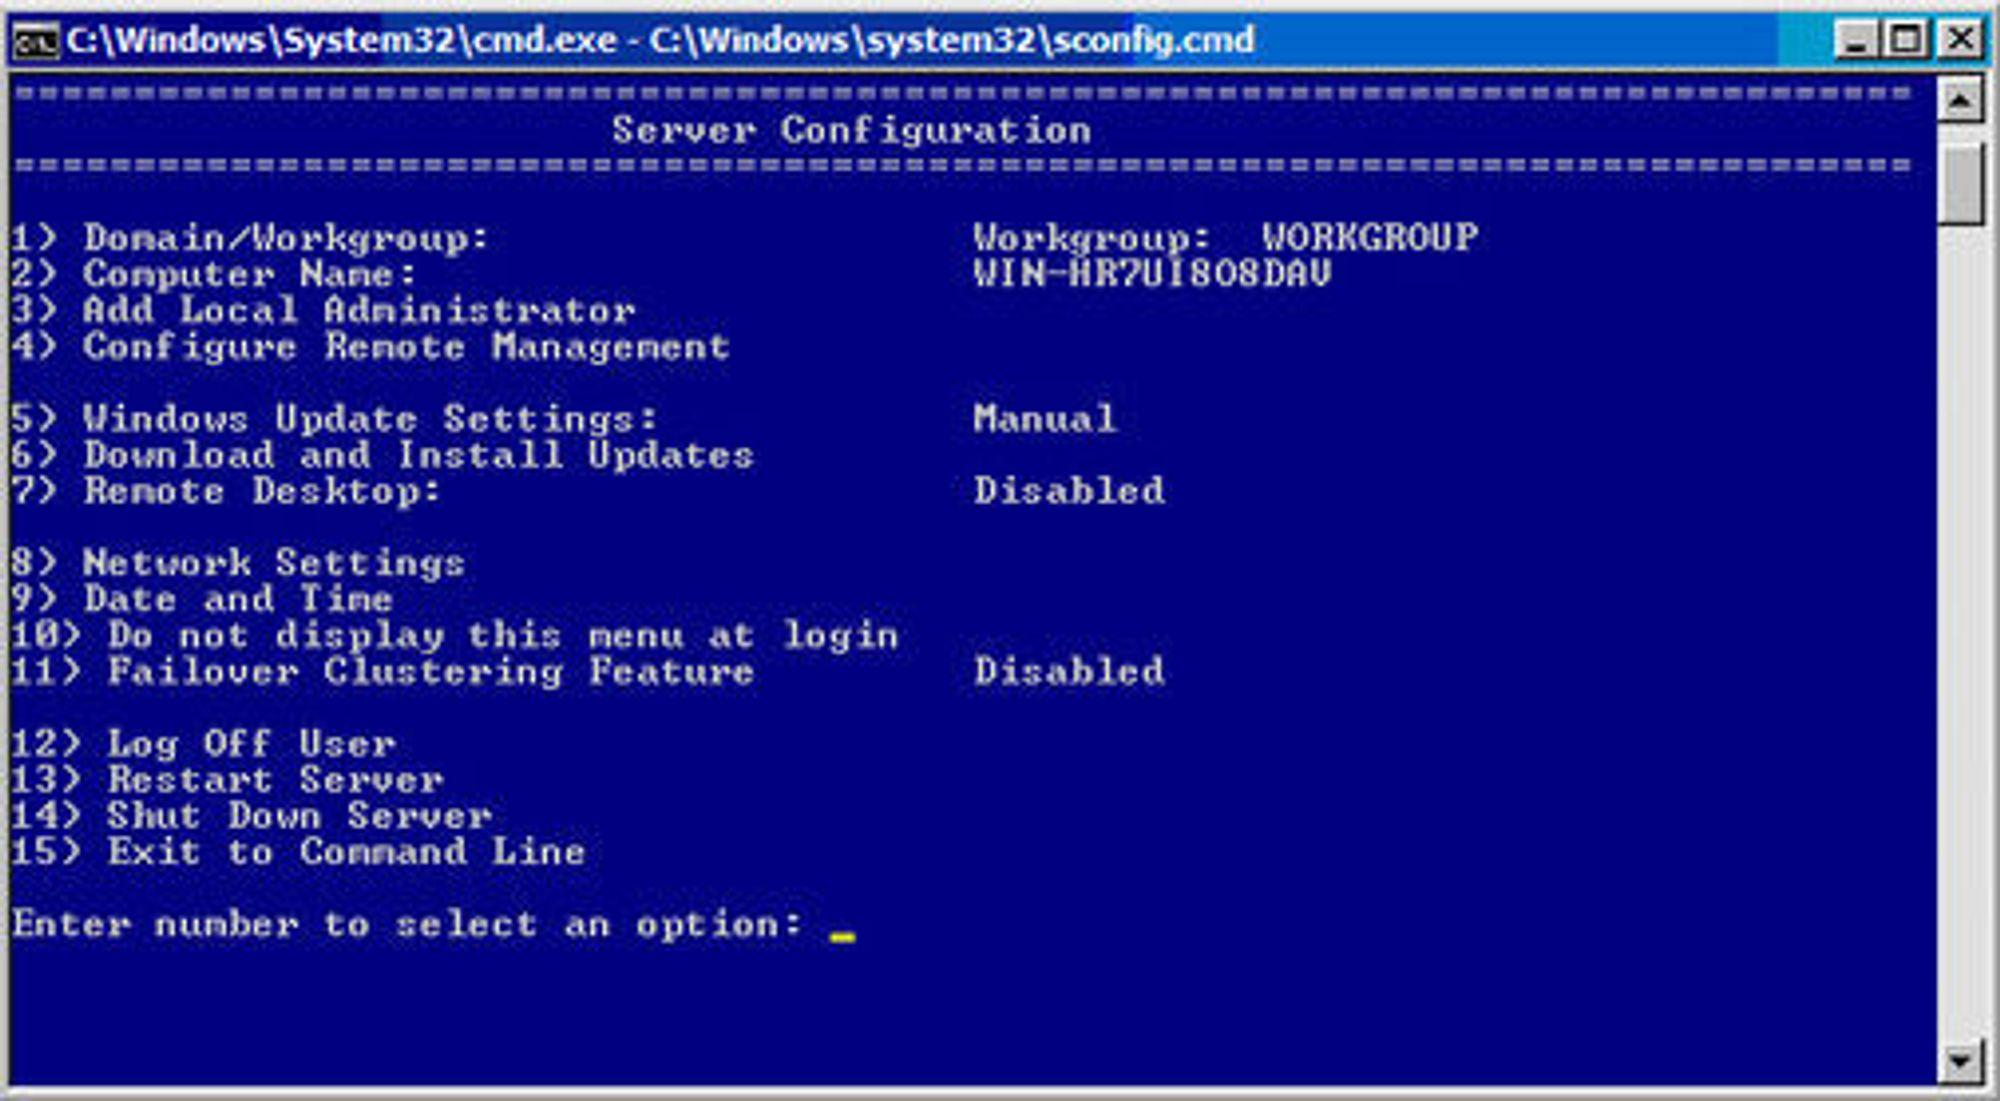 Hyper-V Server 2008 R2 har ikke grafisk brukergrensesnitt, men kan konfigureres med verktøyetServer Configuration.